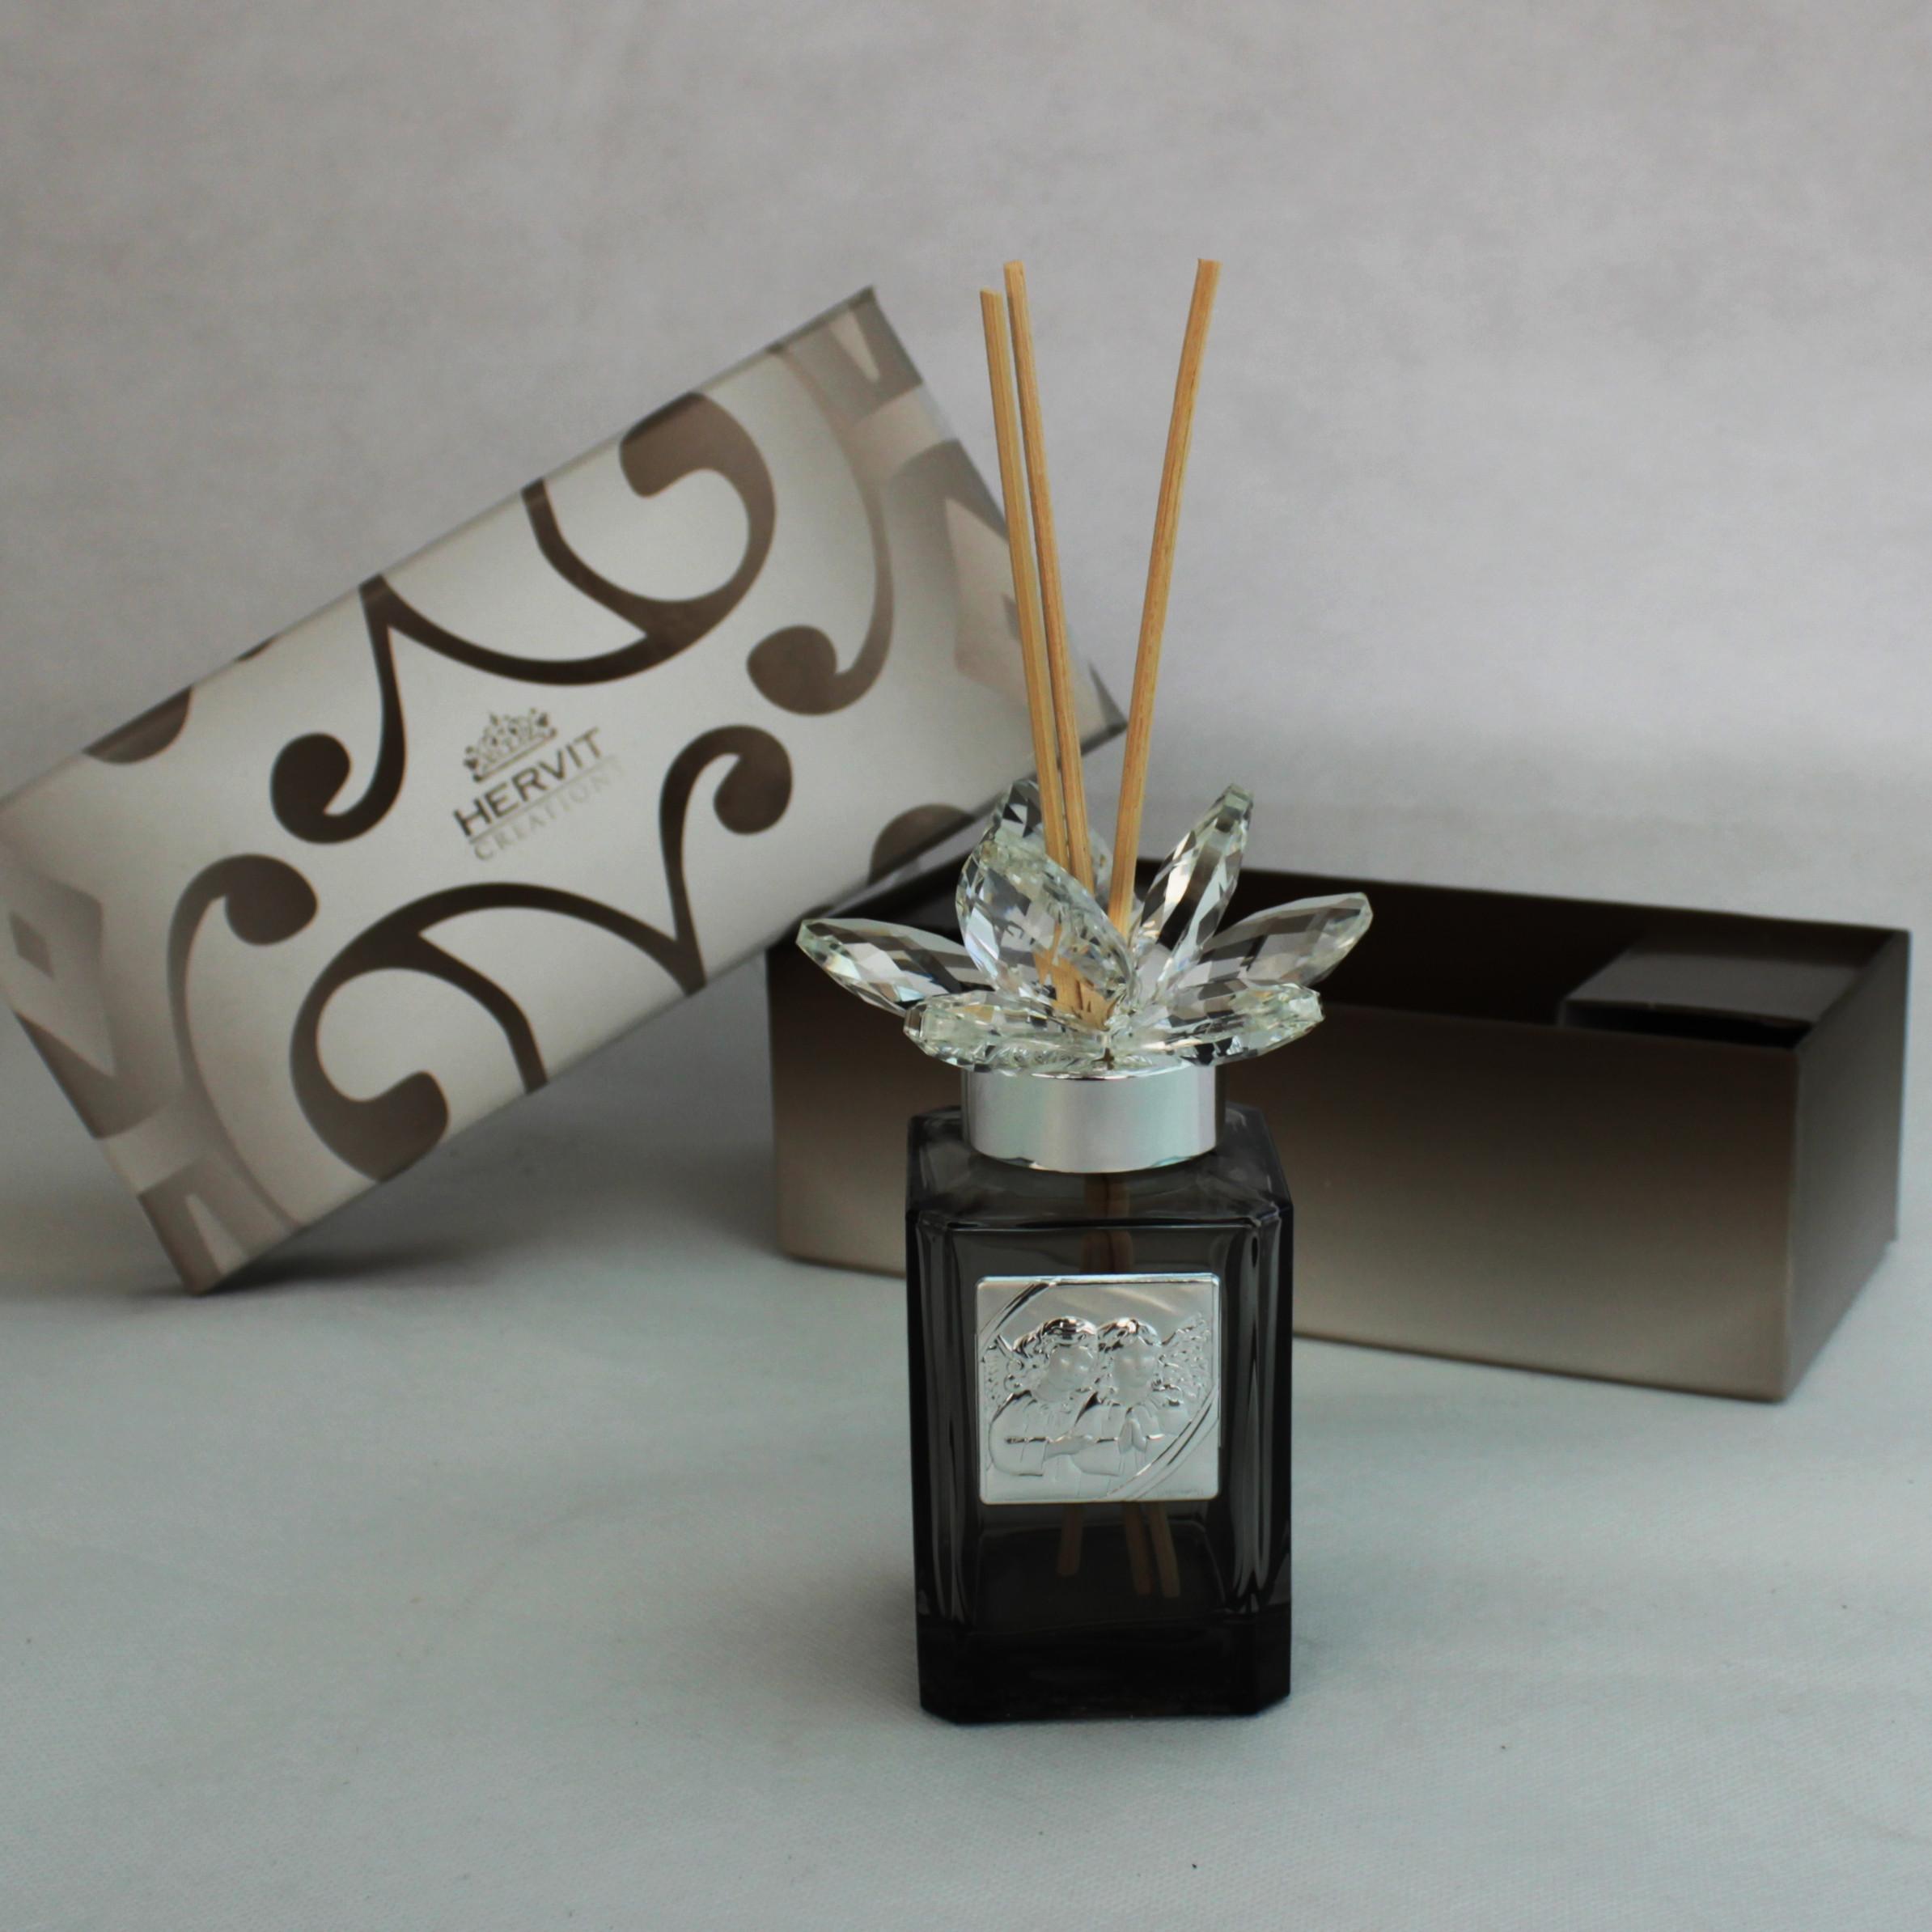 Profumatore Hervit con fiore in cristallo Angeli Puttini